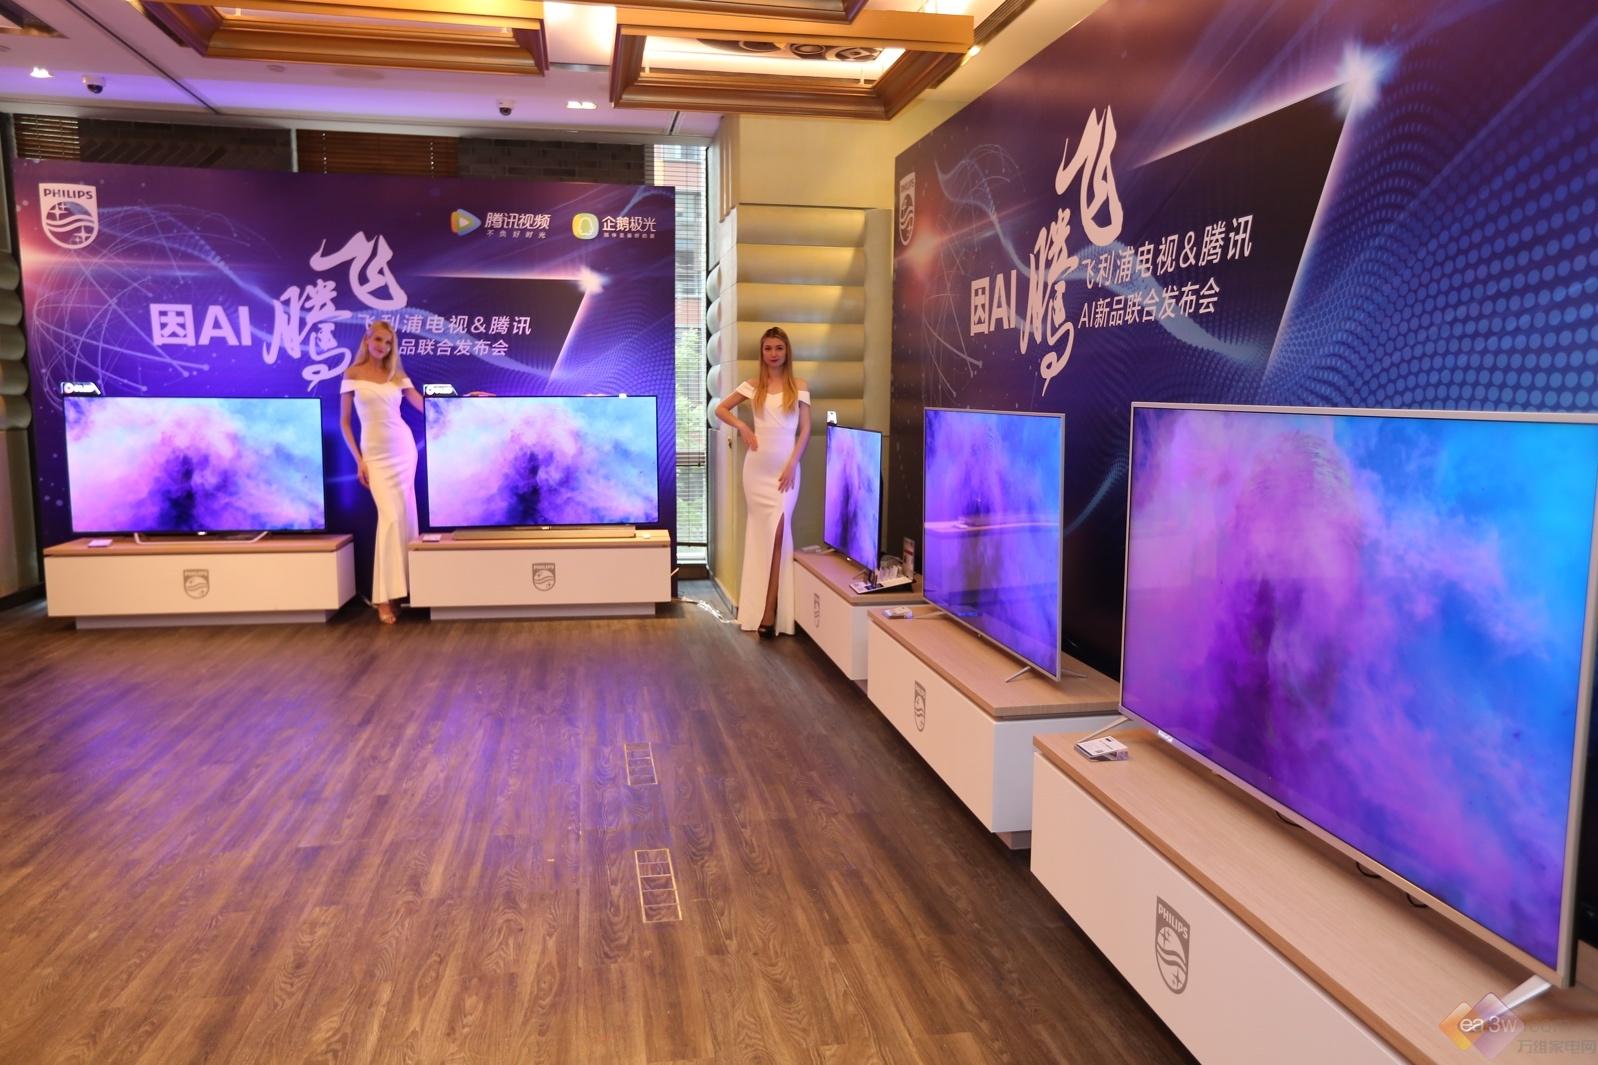 家电一周新闻: 智能电视技术&体验双升级,AI电视受关注